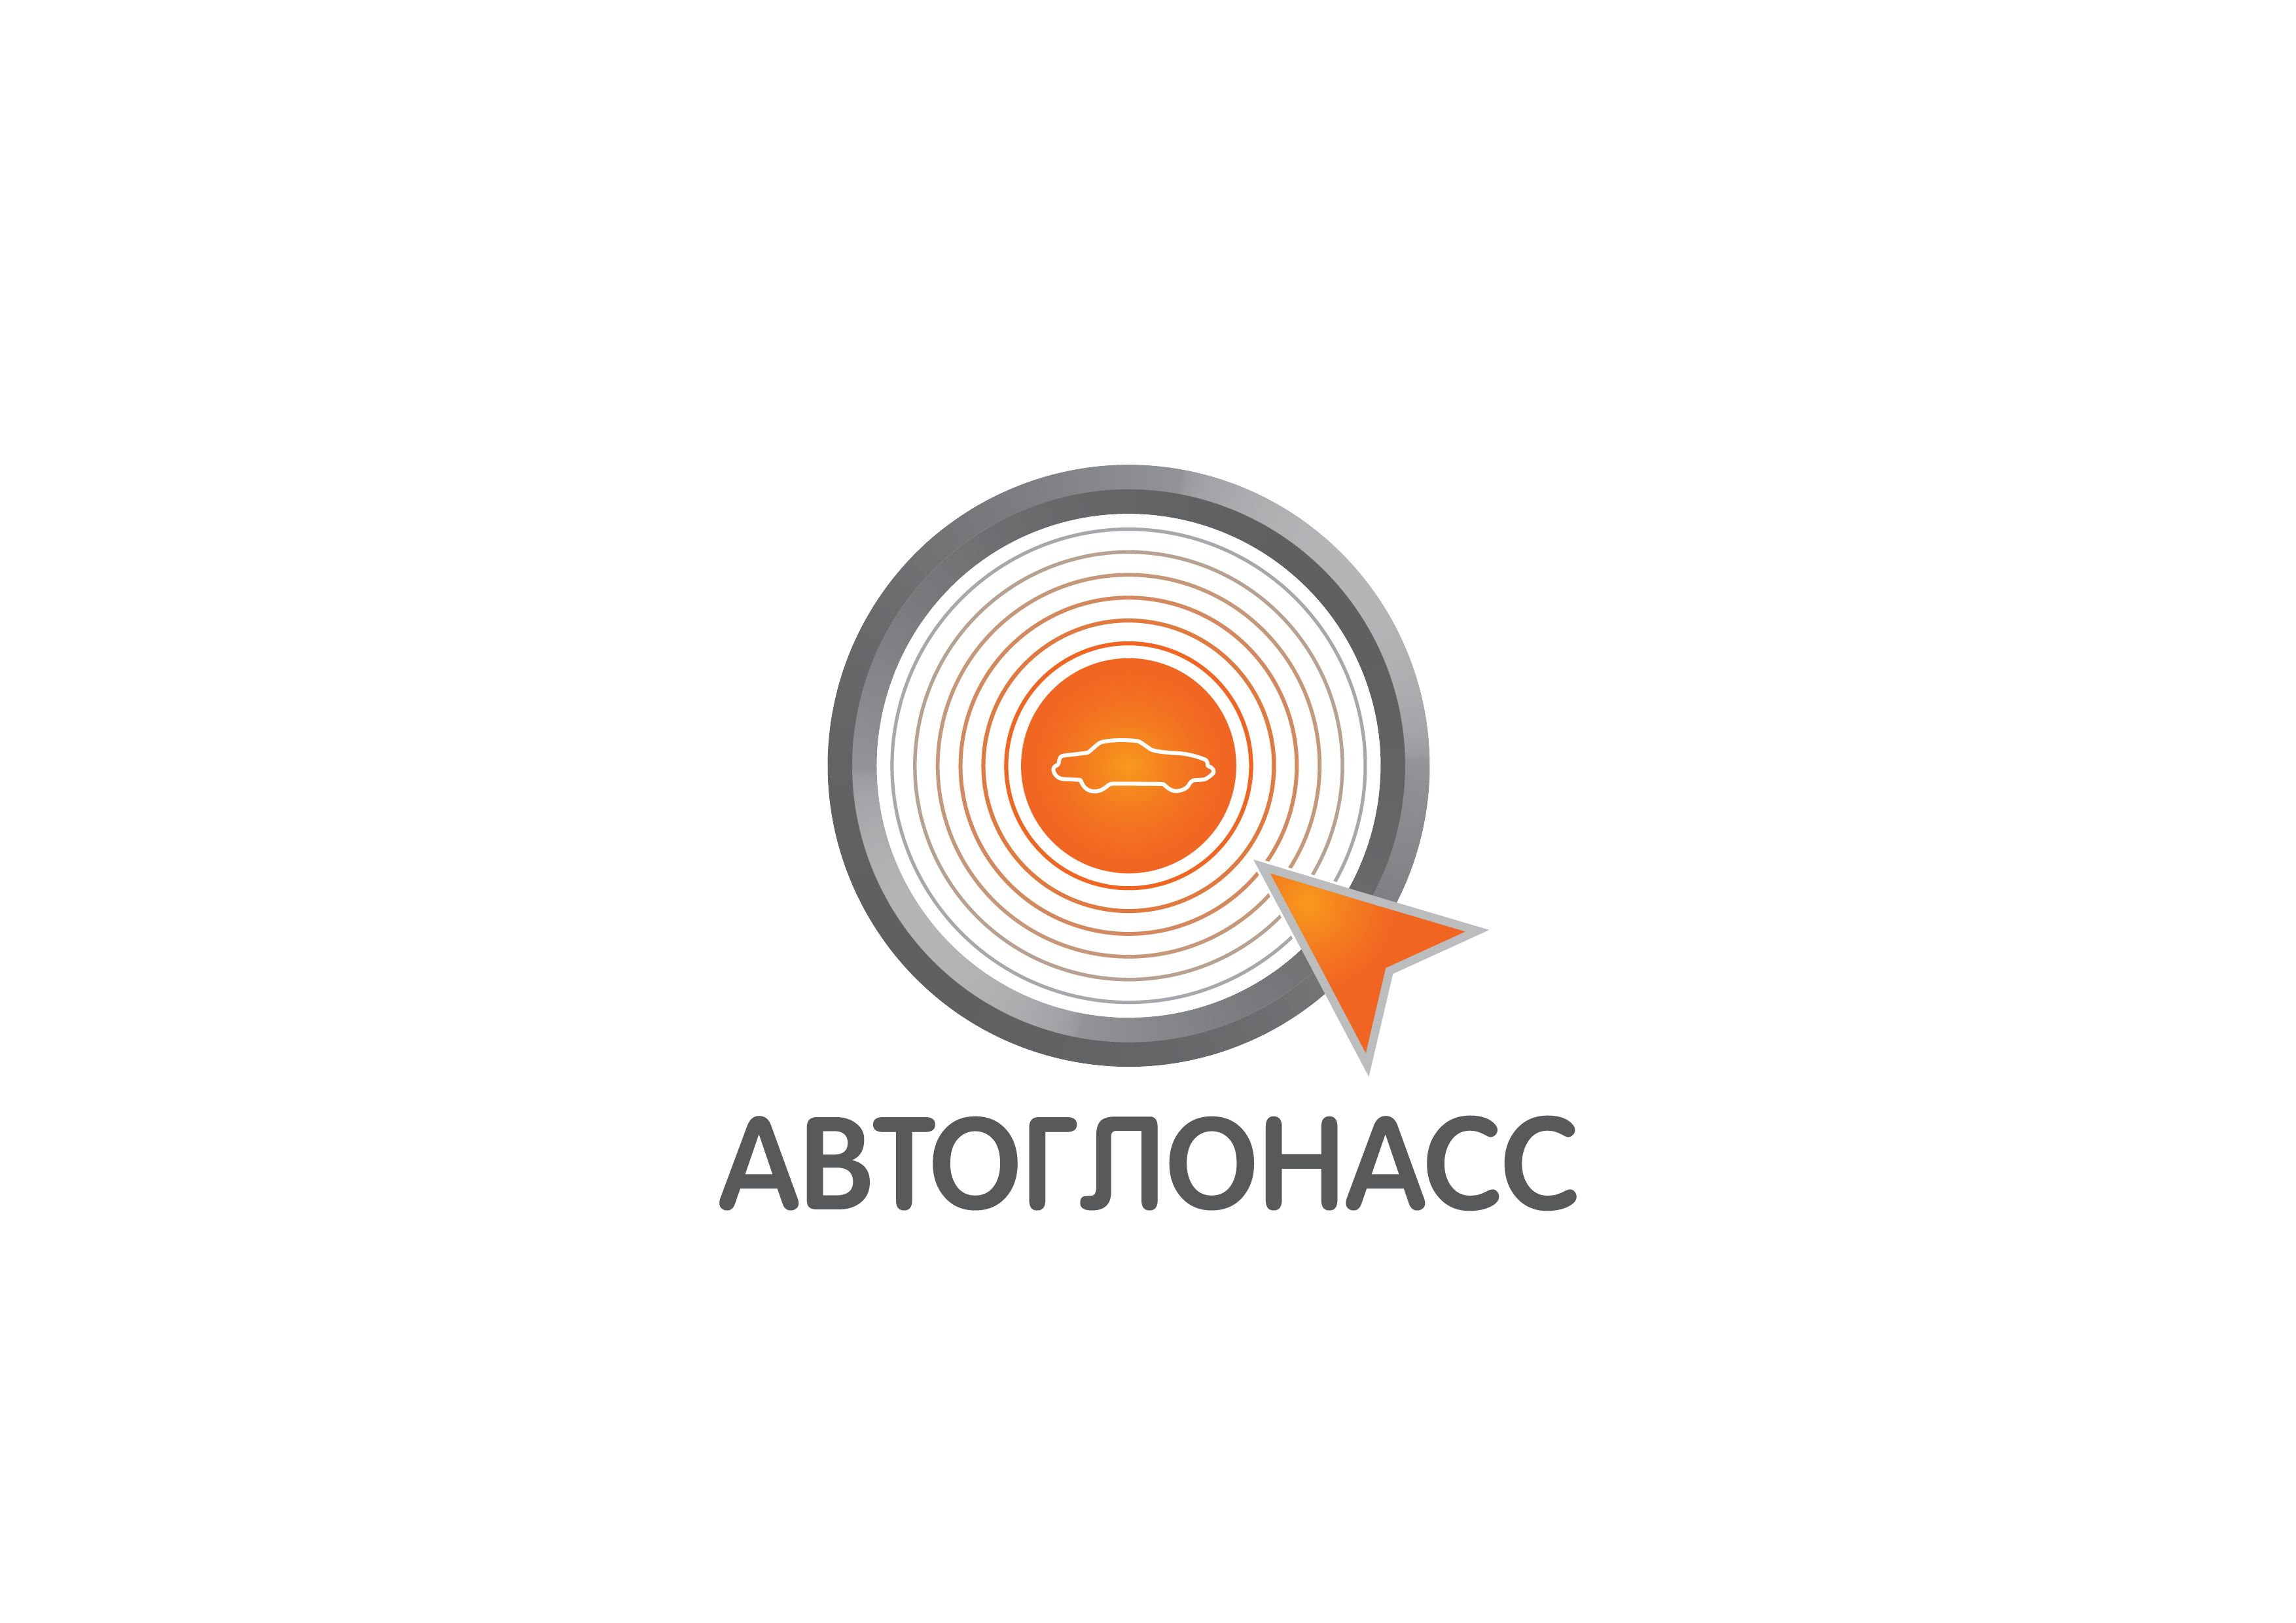 Логотип и фирменный стиль проекта АвтоГЛОНАСС - дизайнер MRserjo